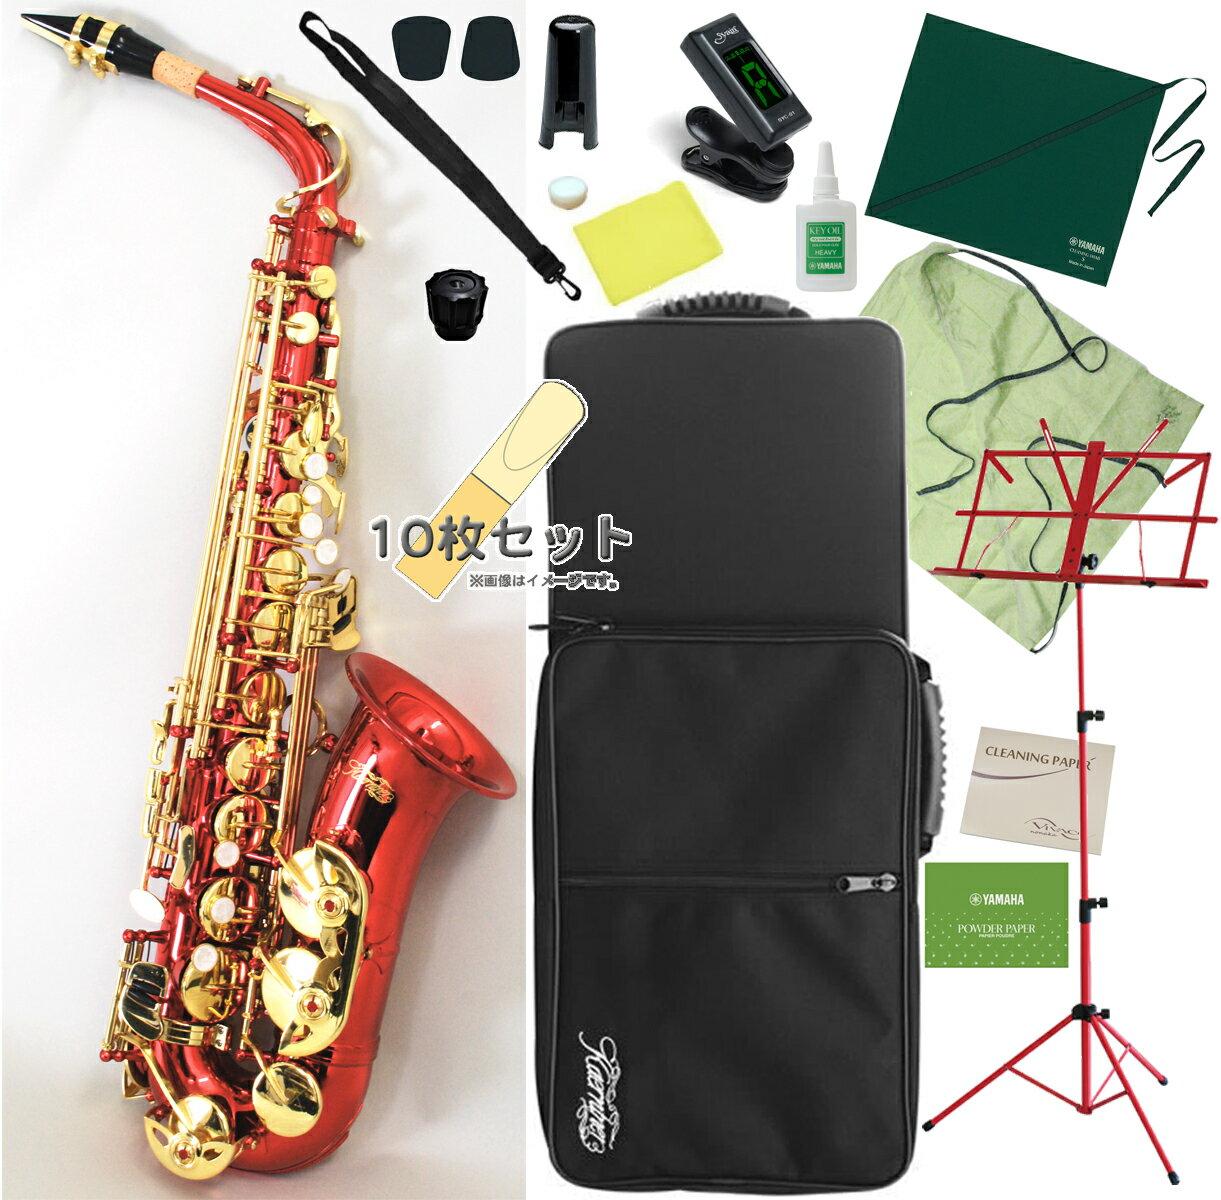 レッドアルトサックスオリジナルカラーサックス楽器本体ケースセット初心者管楽器スタンダードE♭アルトサ